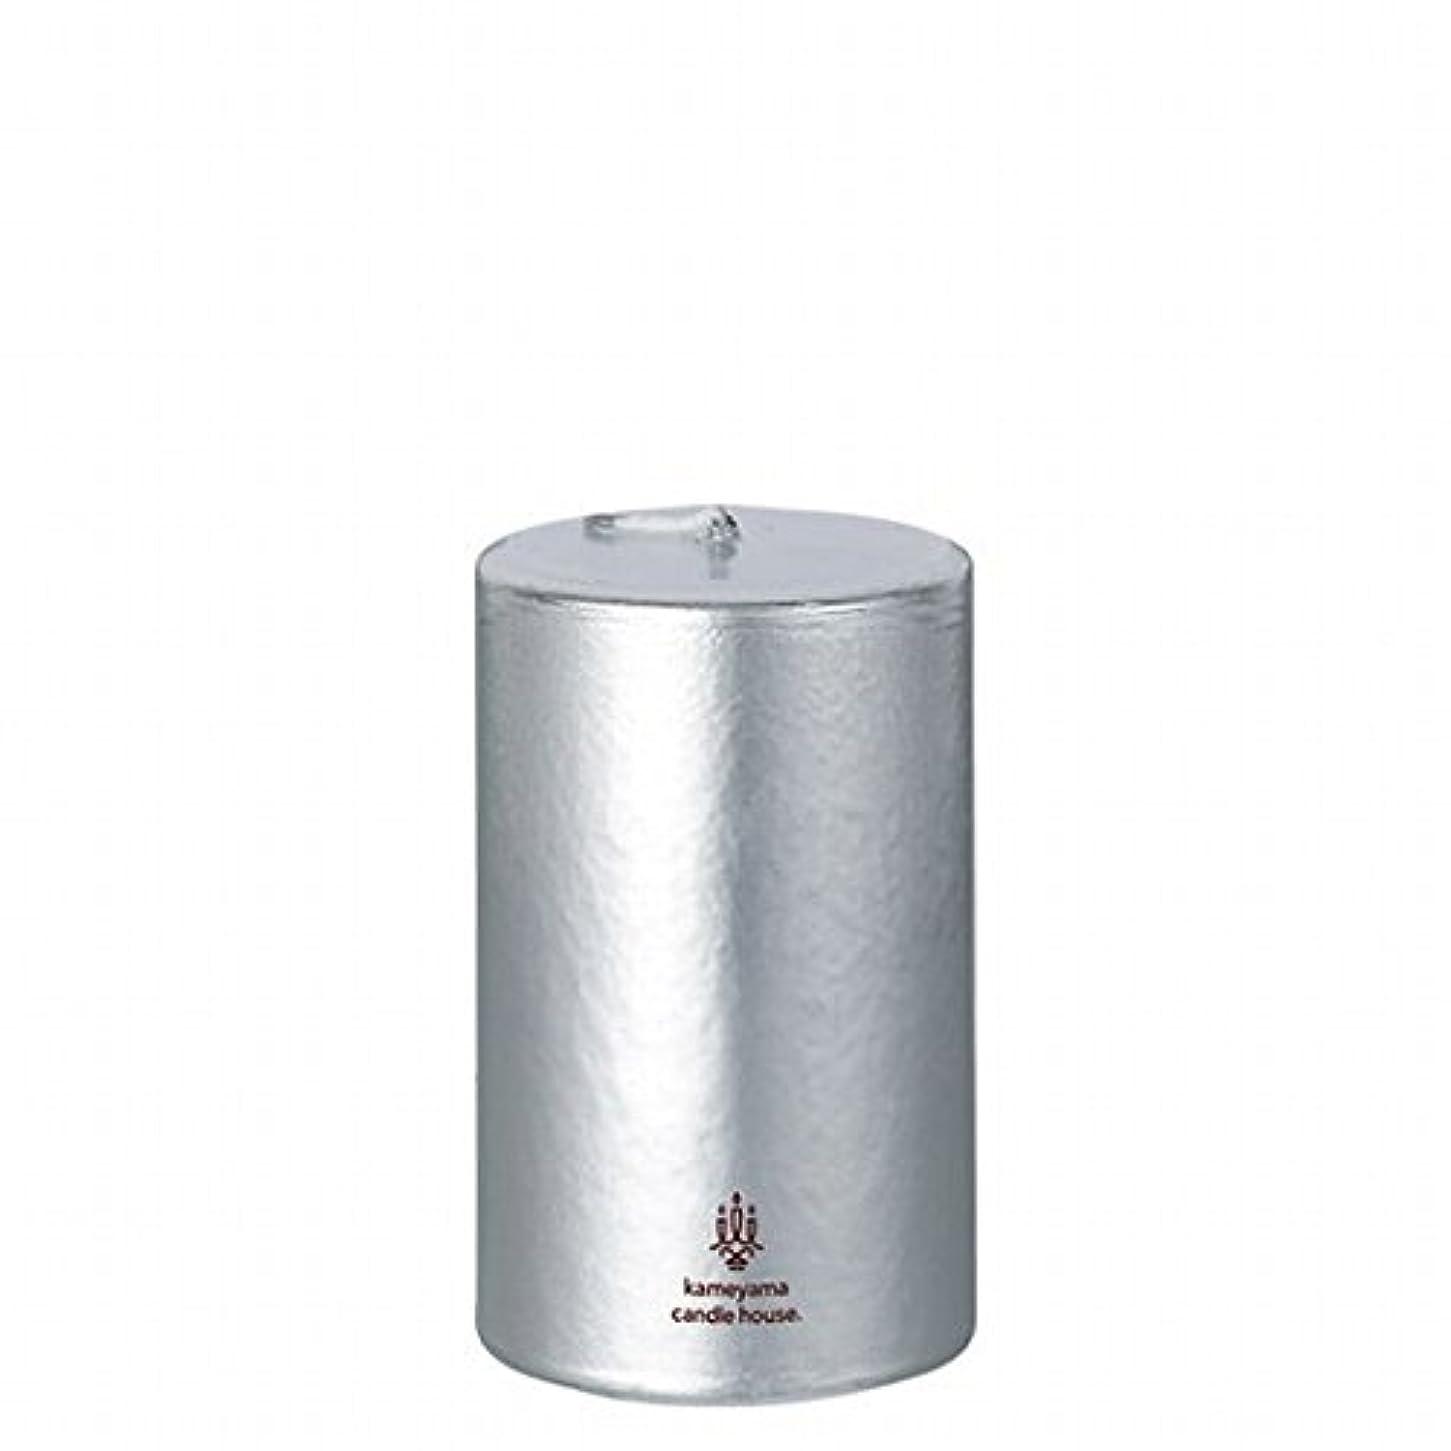 リクルート文字幻滅カメヤマキャンドル(kameyama candle) メタリックピラー2×3 「 シルバー 」